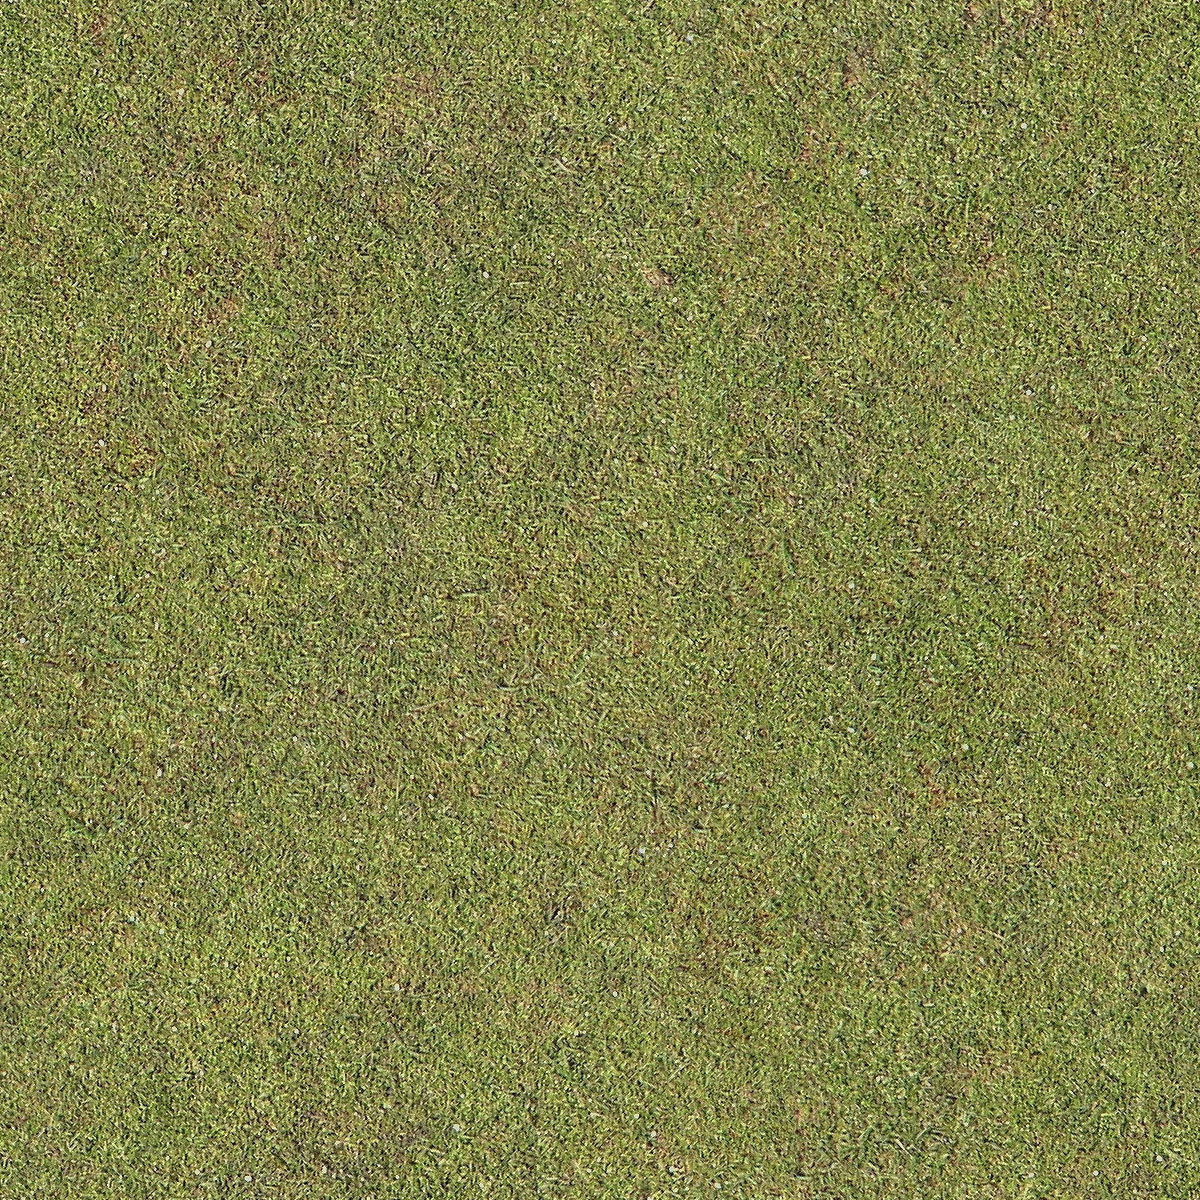 Seamless Golf Green Grass Texture + (Maps)